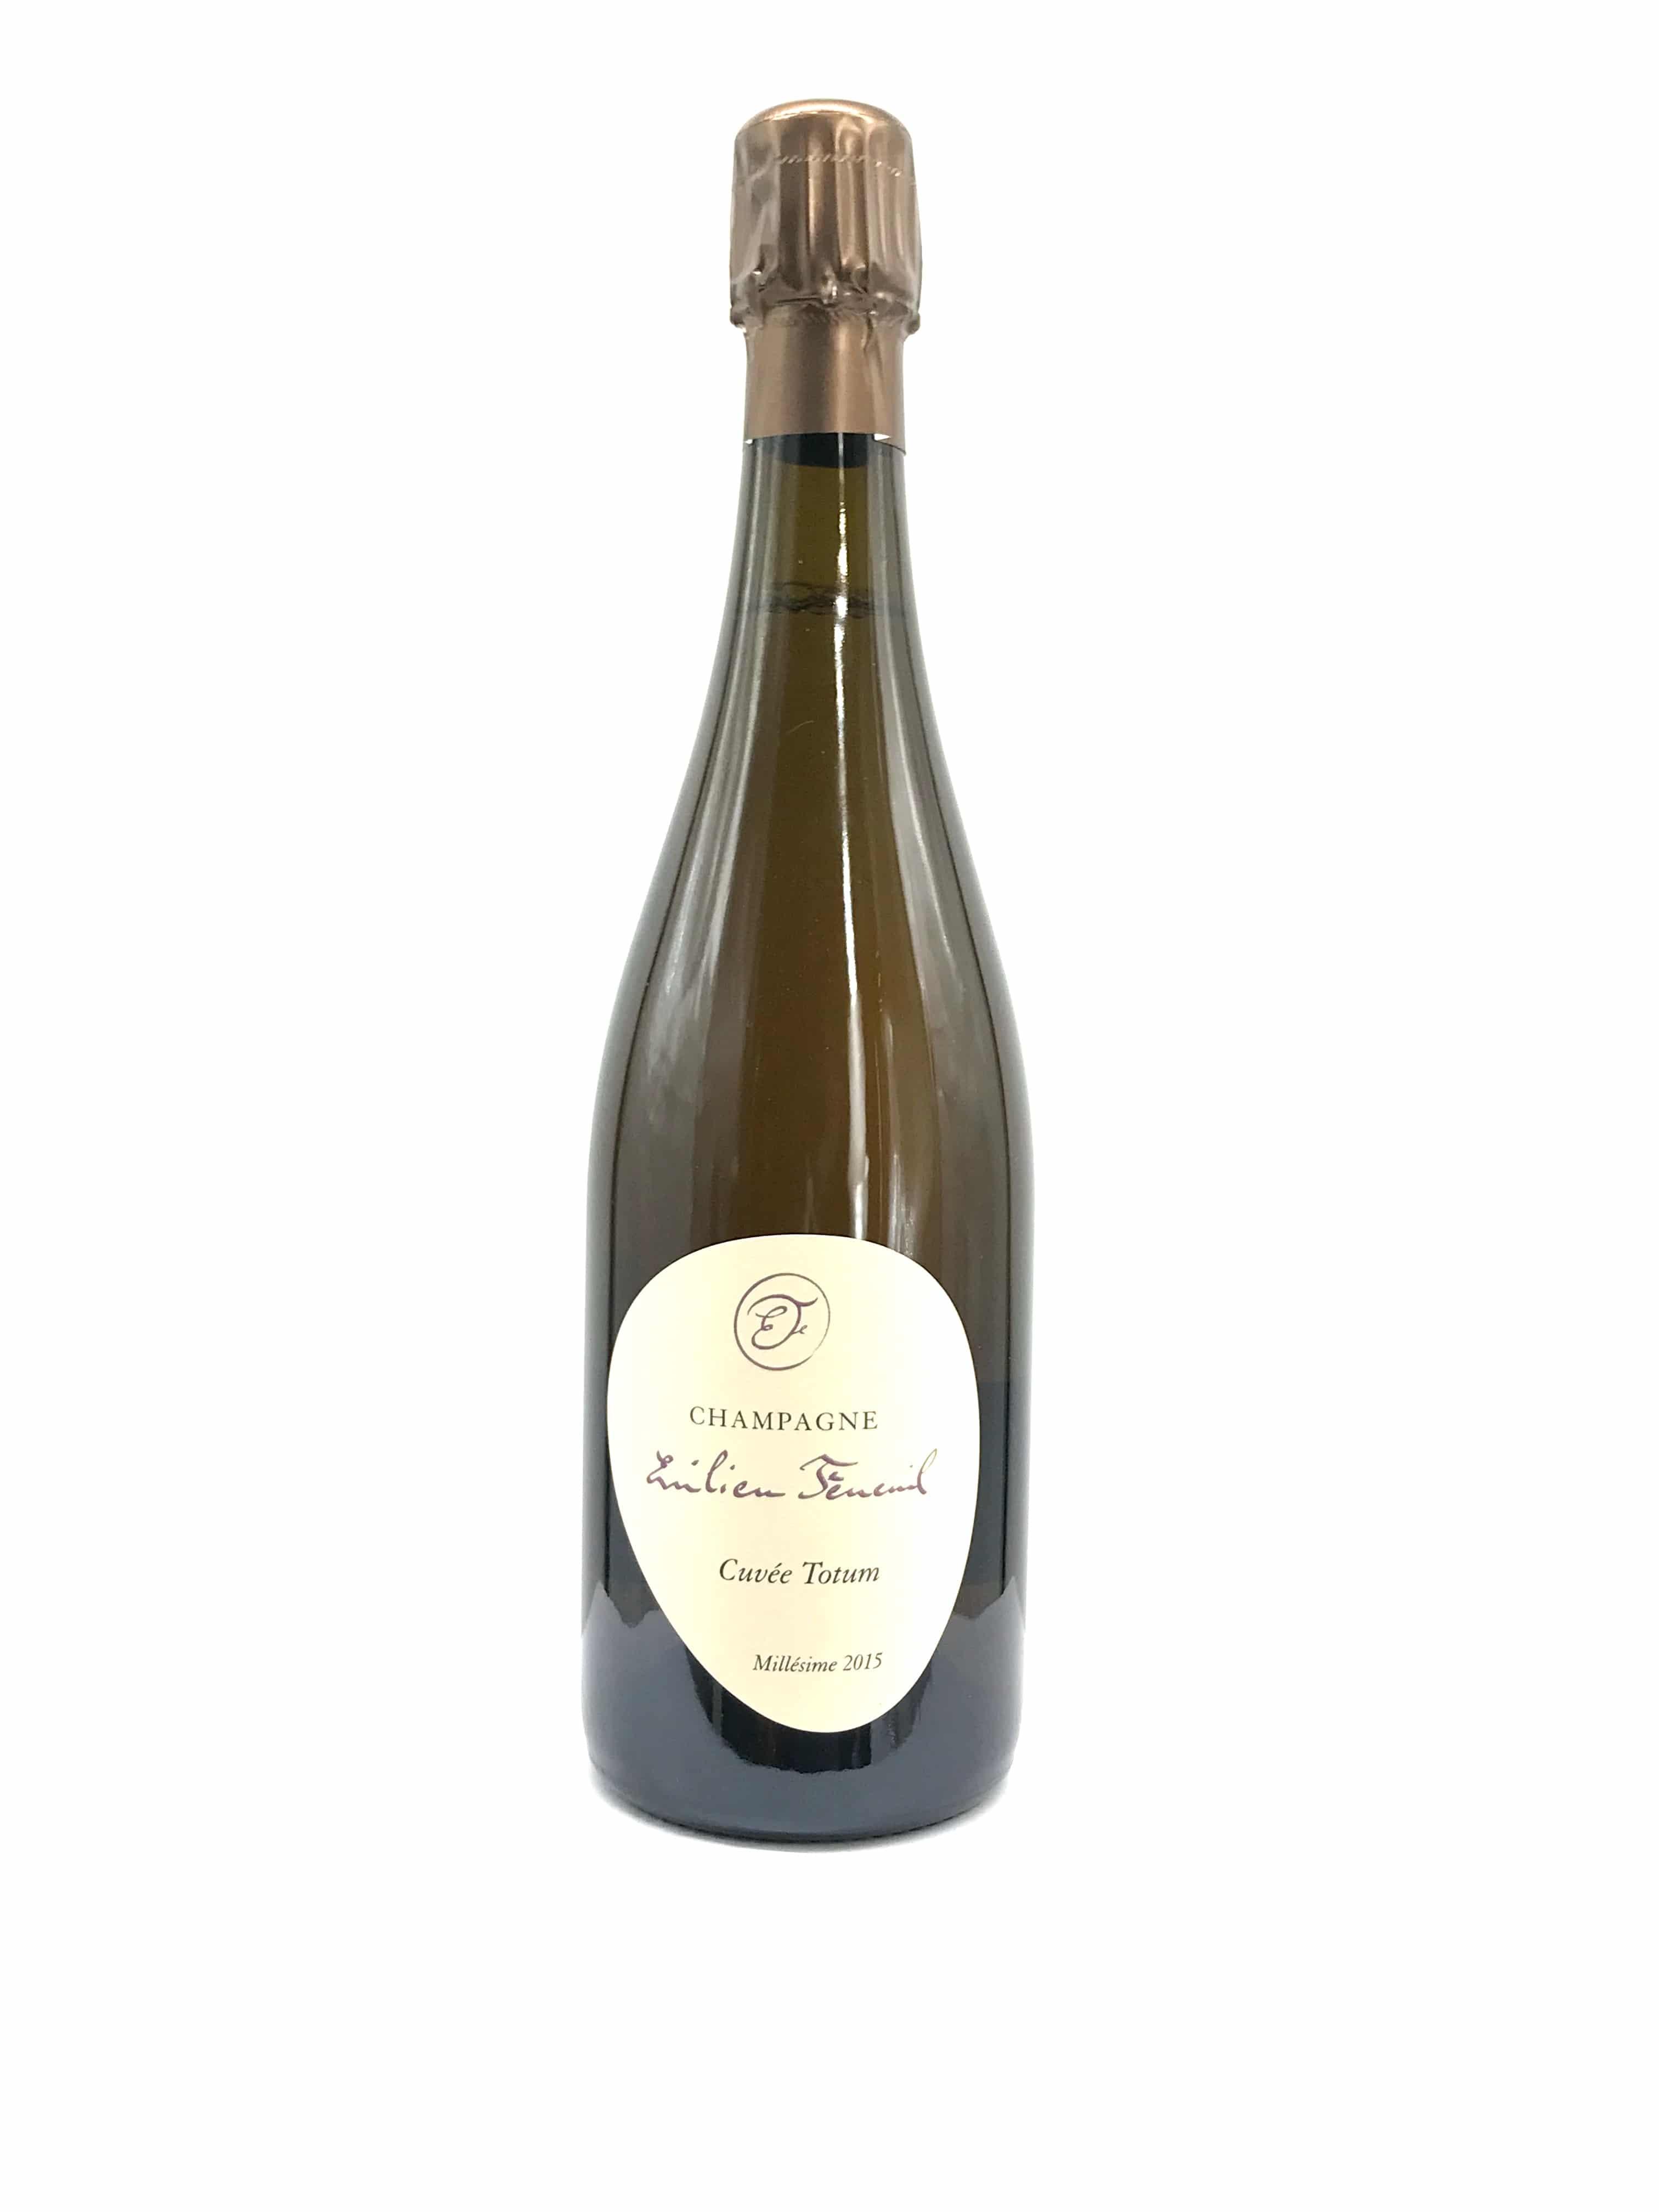 Champagne Emilien Feneuil Cuvée Totum